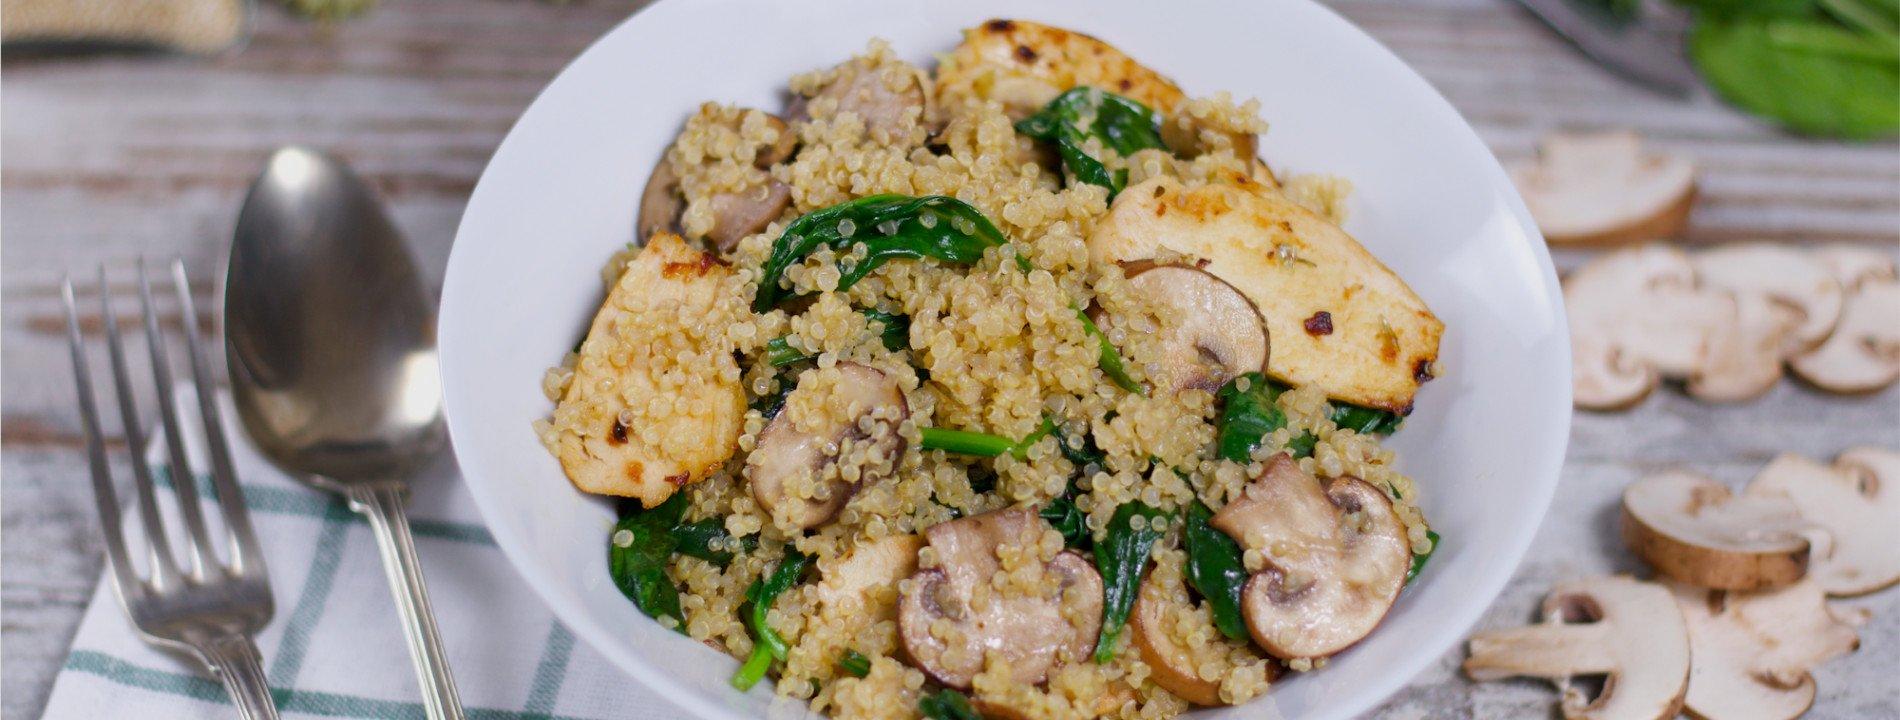 Vegetable Quinoa